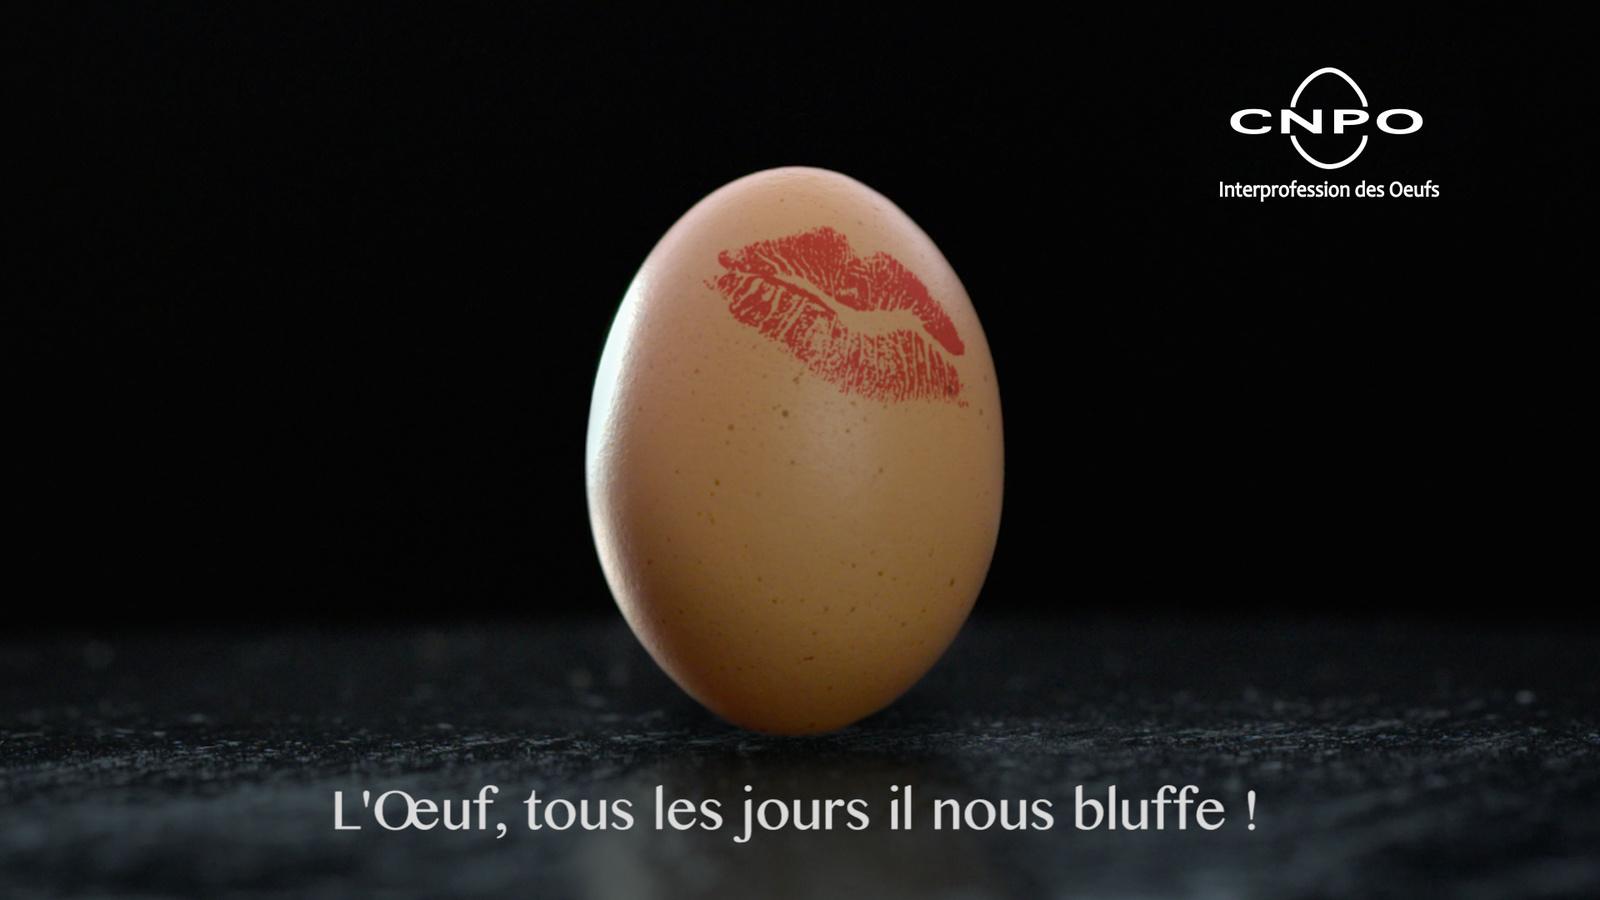 « l'œuf, tous les jours il nous bluffe »